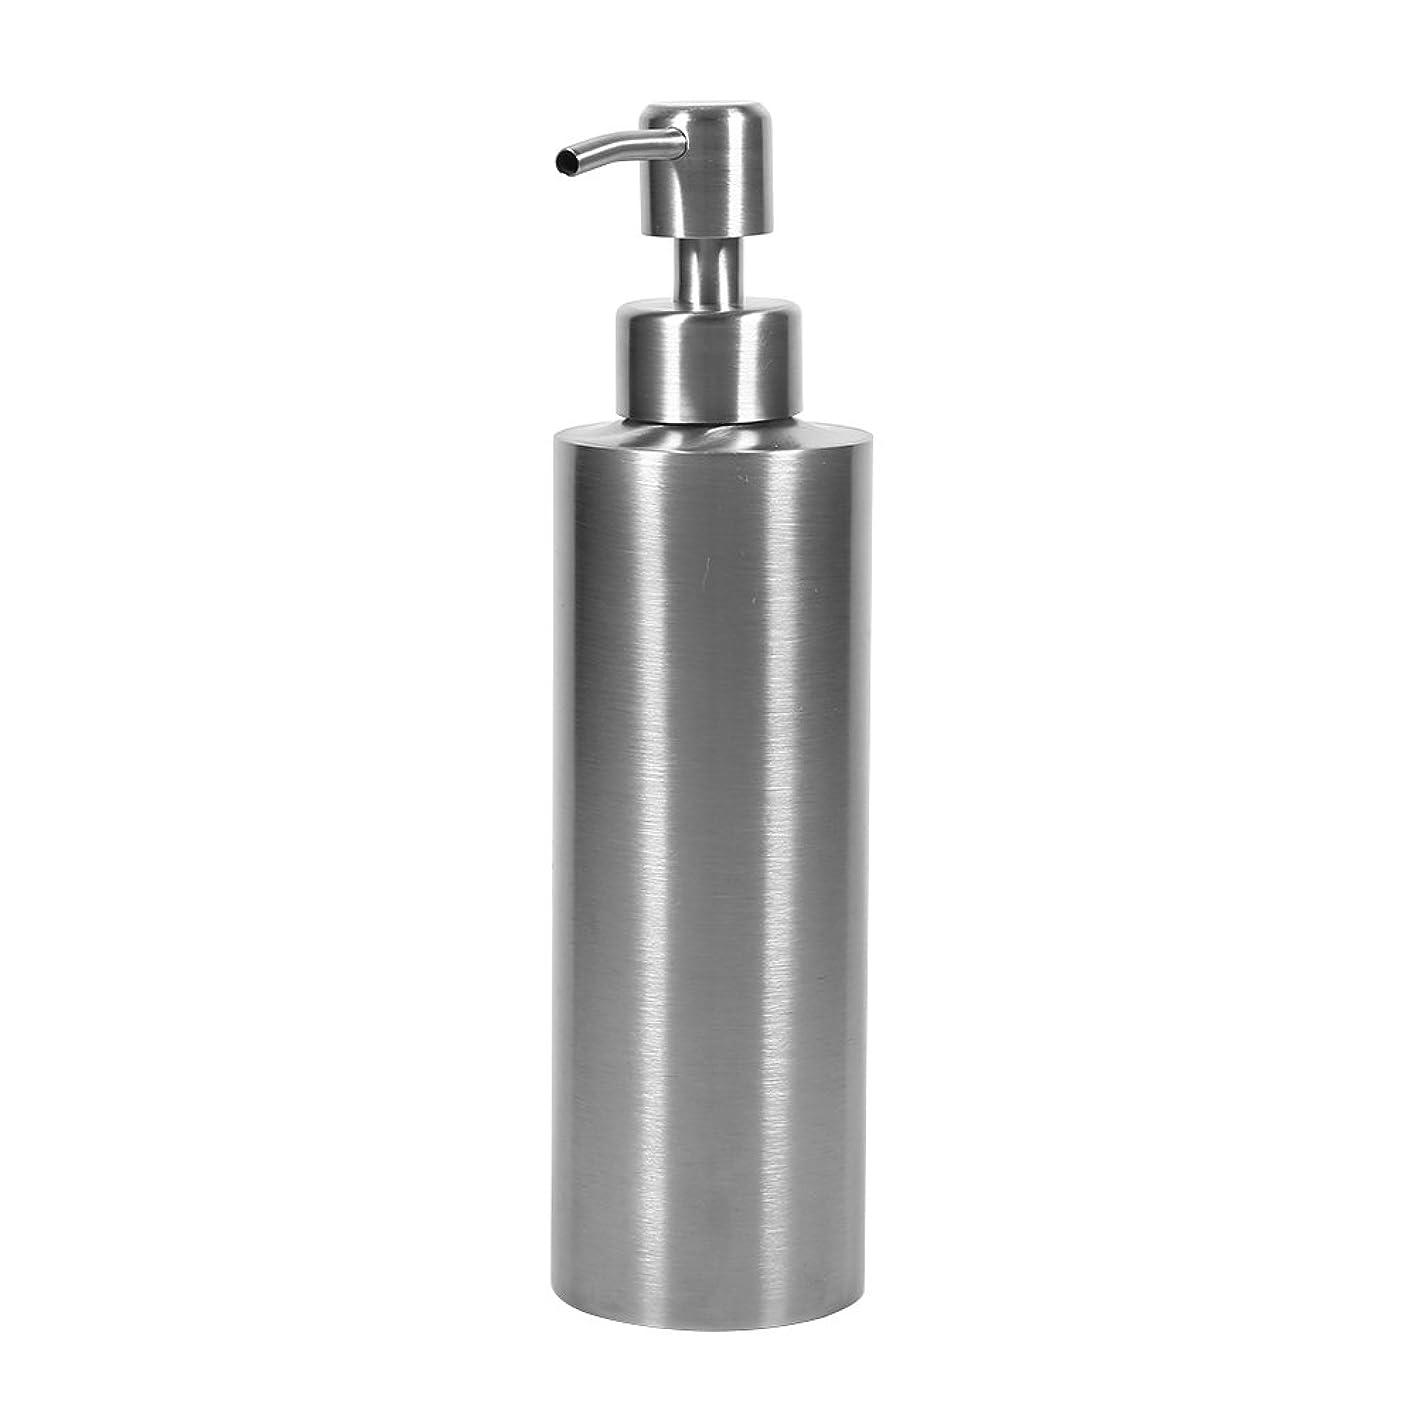 閲覧する百ポーン304 ステンレス鋼 シンクソープディスペンサー シンク ソープ シャンプー用ディスペンサー 350ml 石鹸液 ハンドソープ 洗剤 メタル ボトル ポンプ付き キッチン、トイレに適用